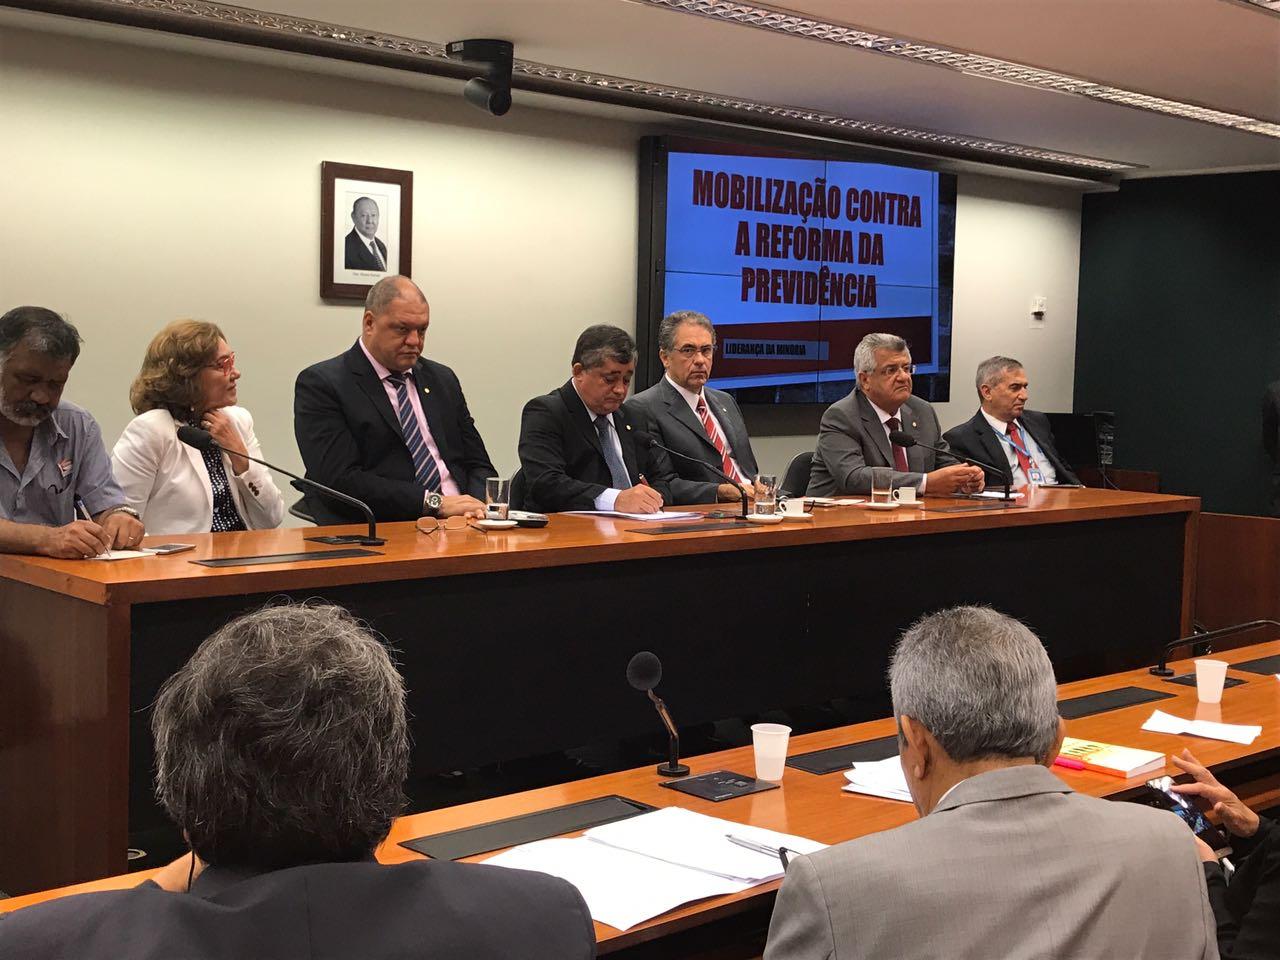 Bacelar se une às centrais sindicais contra reforma da Previdência